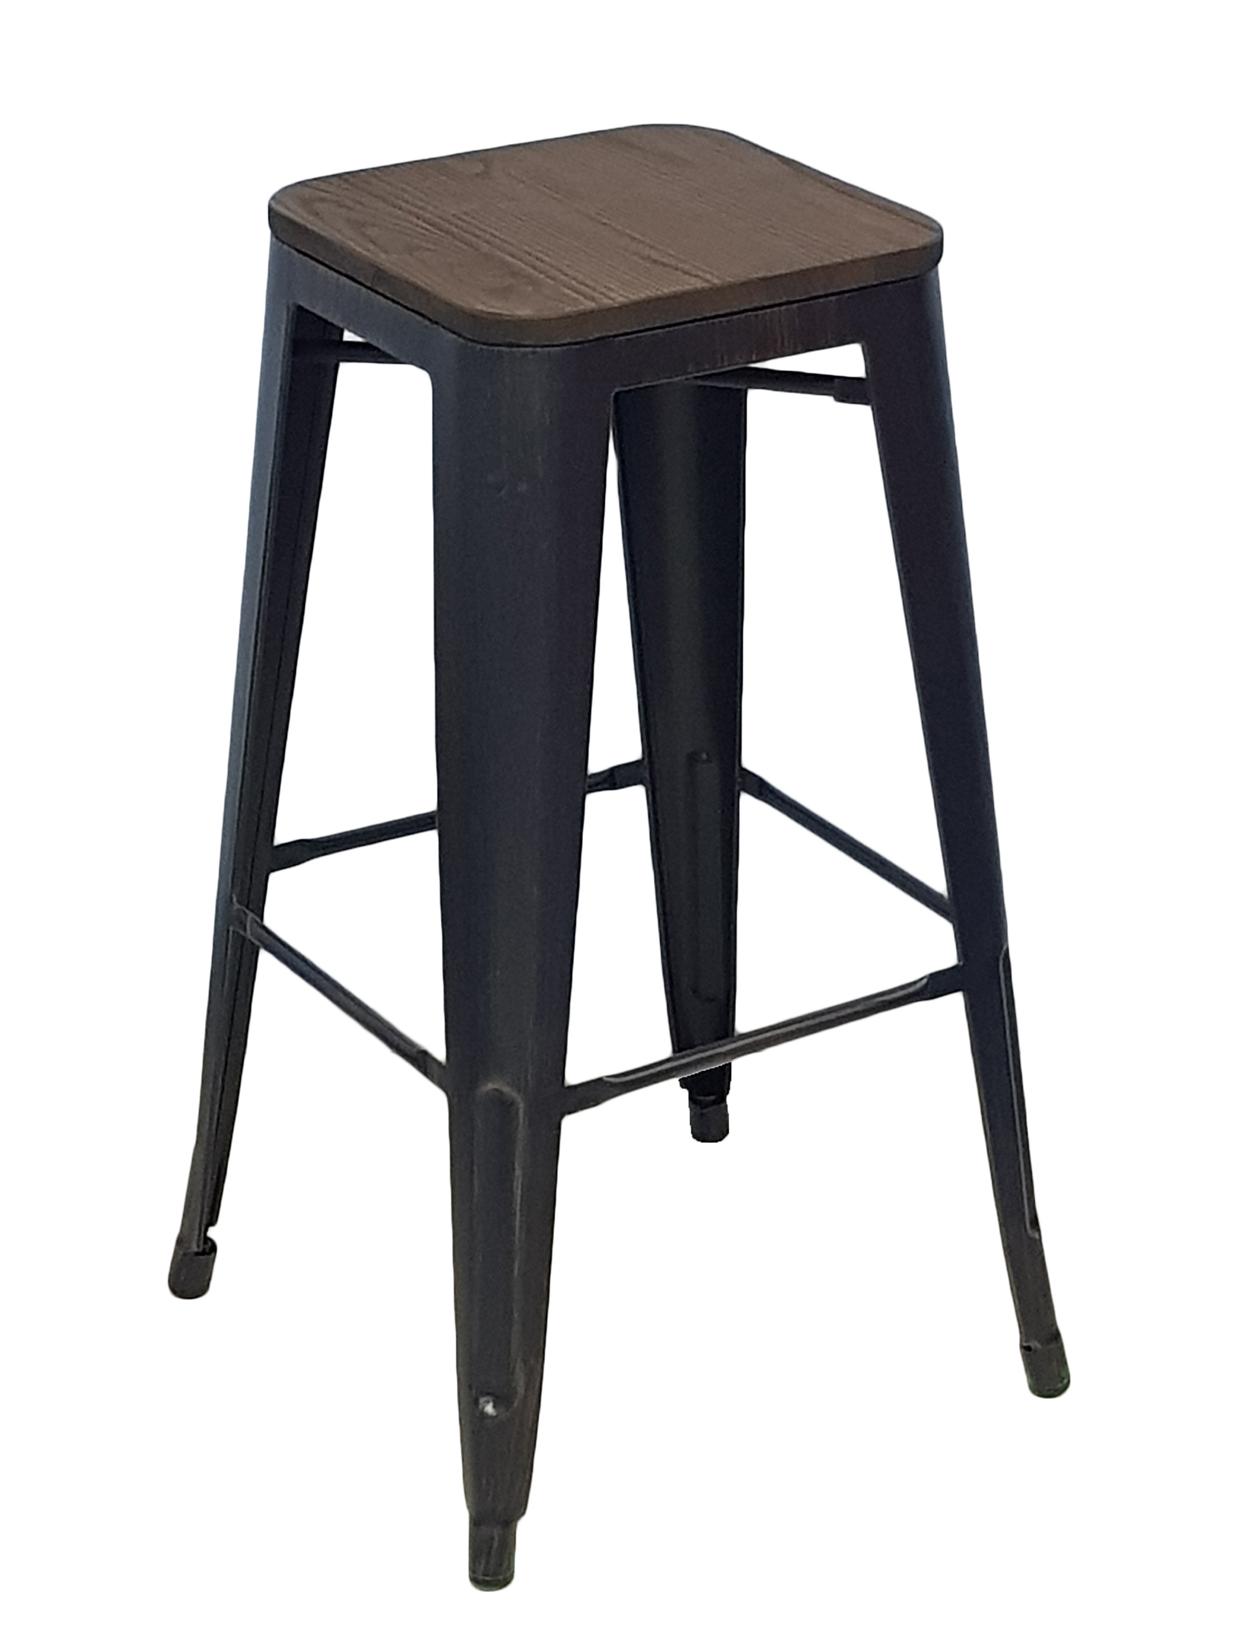 Барный стул STOOL GROUP Толикс, черный/патина золото